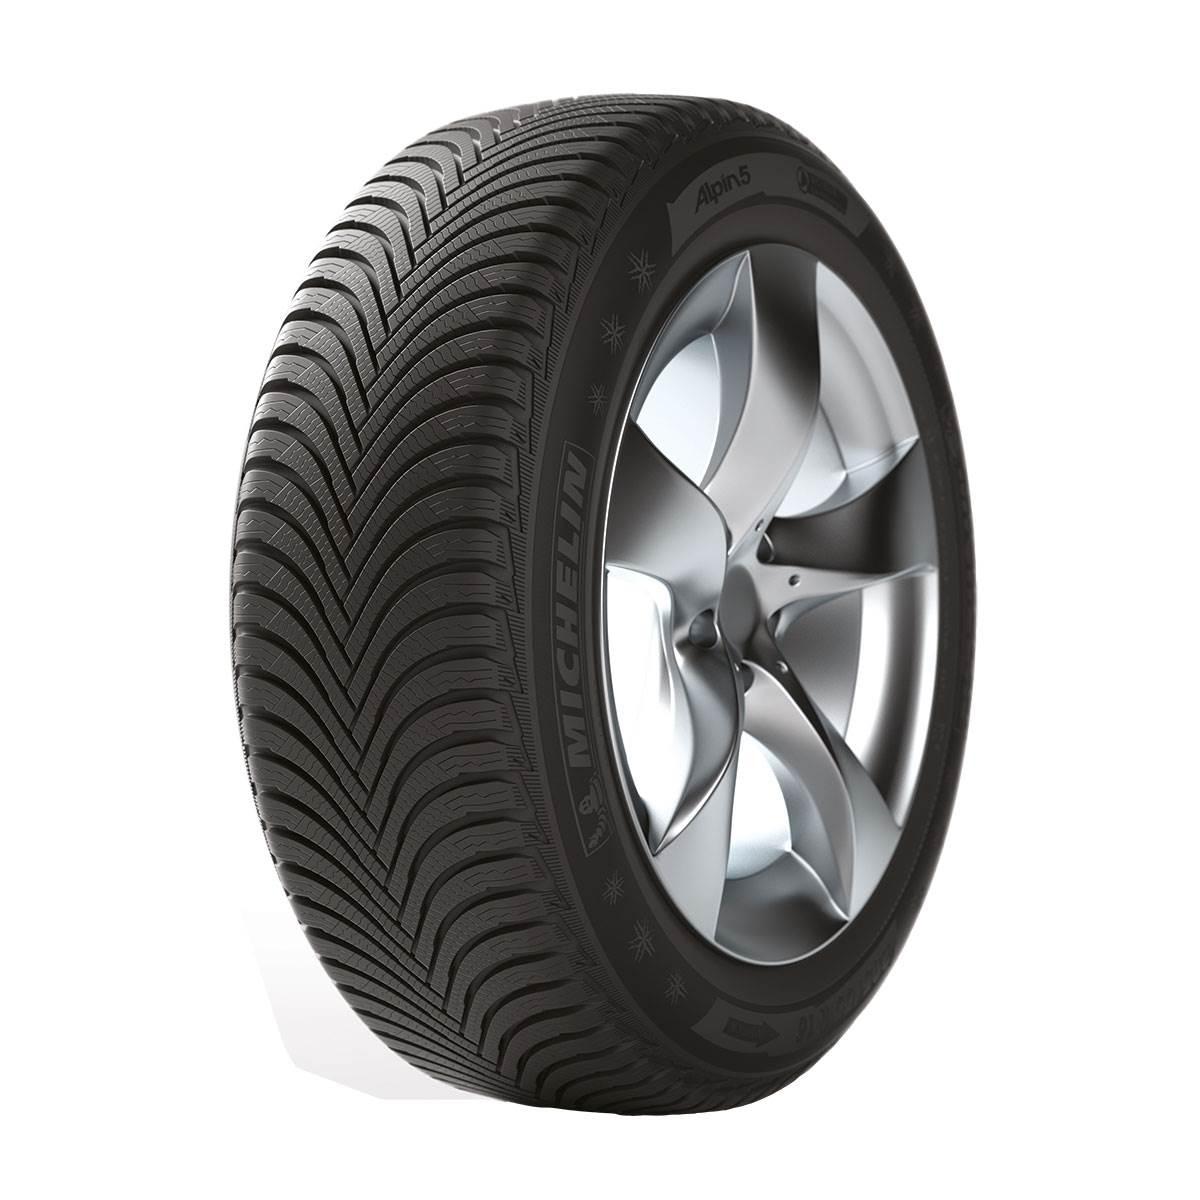 Pneu Hiver Michelin 205/65R15 94H Alpin A5